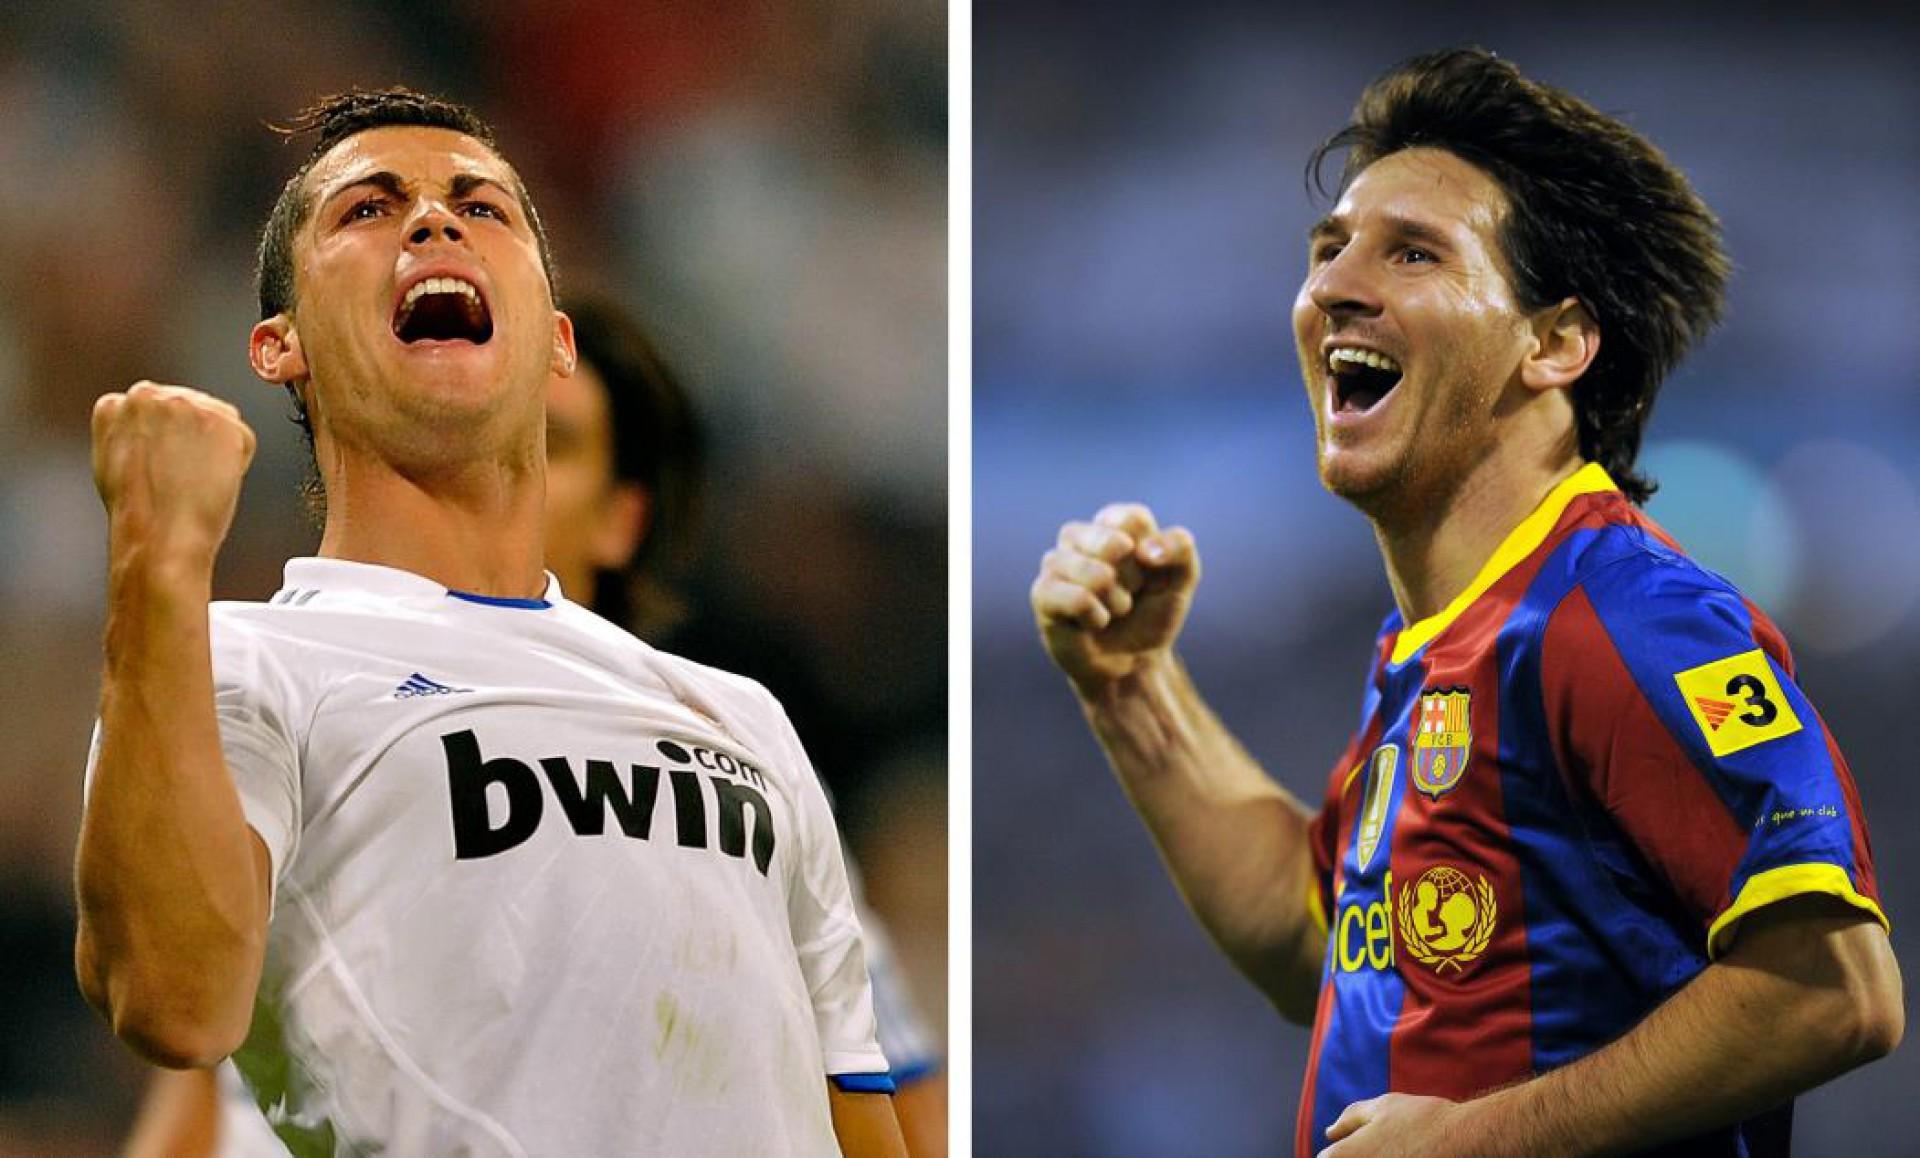 Imagem dos dois supercraques Cristiano Ronaldo e Lionel Messi, em 28 de novembro de 2010, quando o atacante português jogava no Real Madrid. (PEDRO ARMESTRE / AFP / Getty Images)